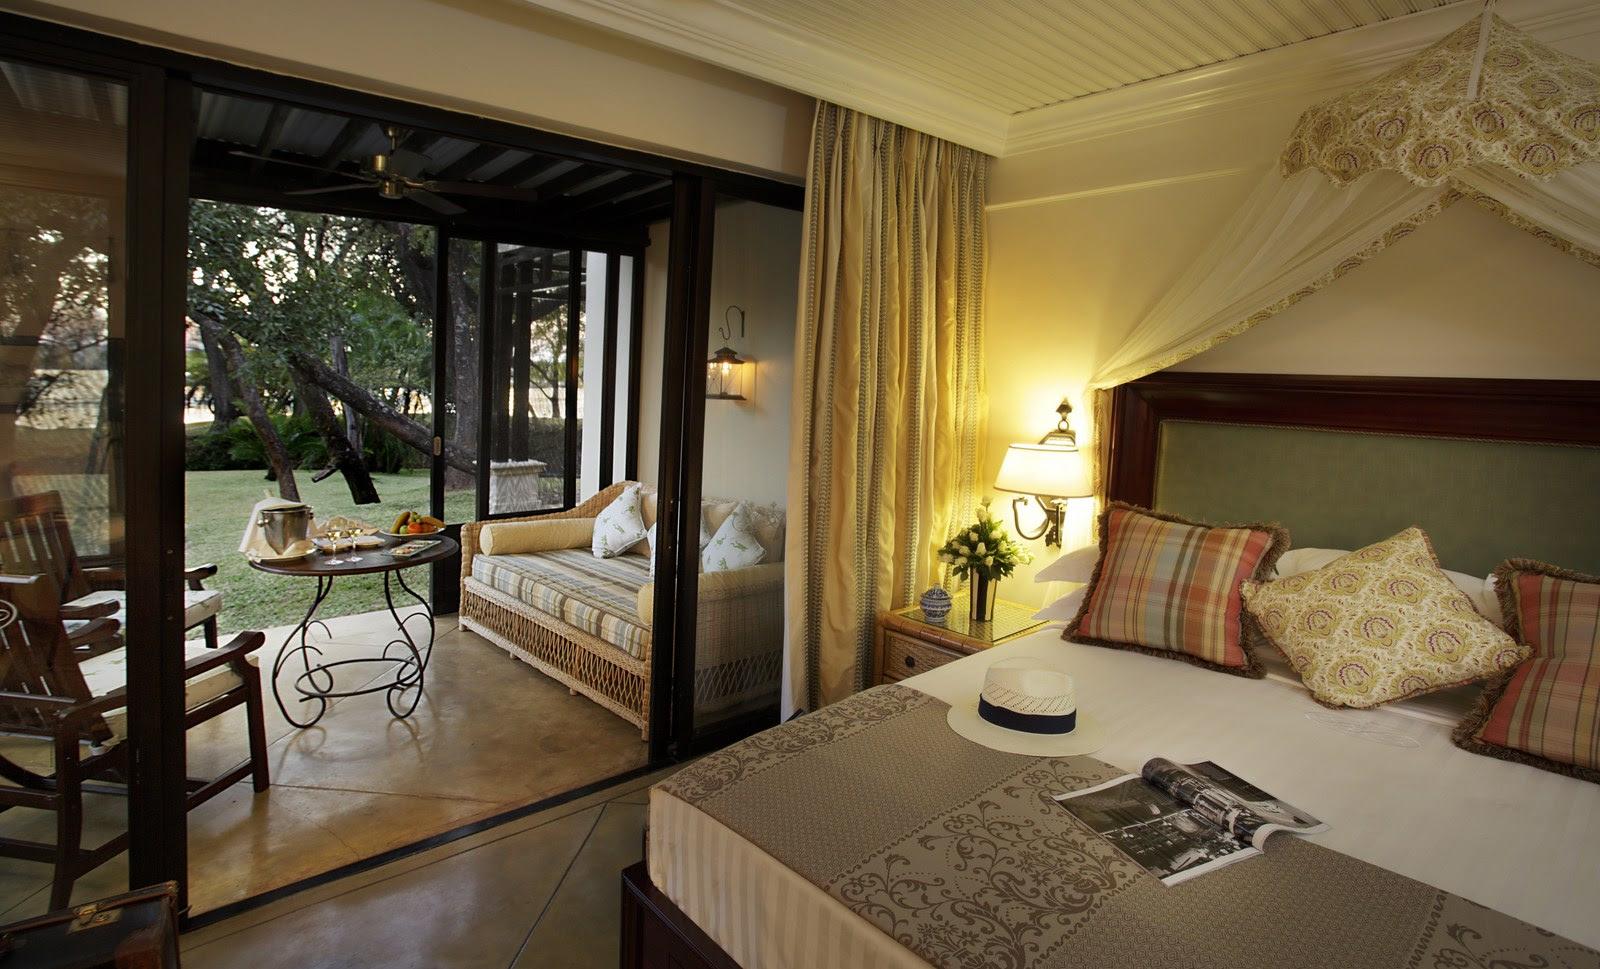 Un lodge 5 * en Zambie PLANETE DECO a homes world - Luangwa Safari House Interior Decoration Safari Houses Of ZambiaPinterest Safari And House